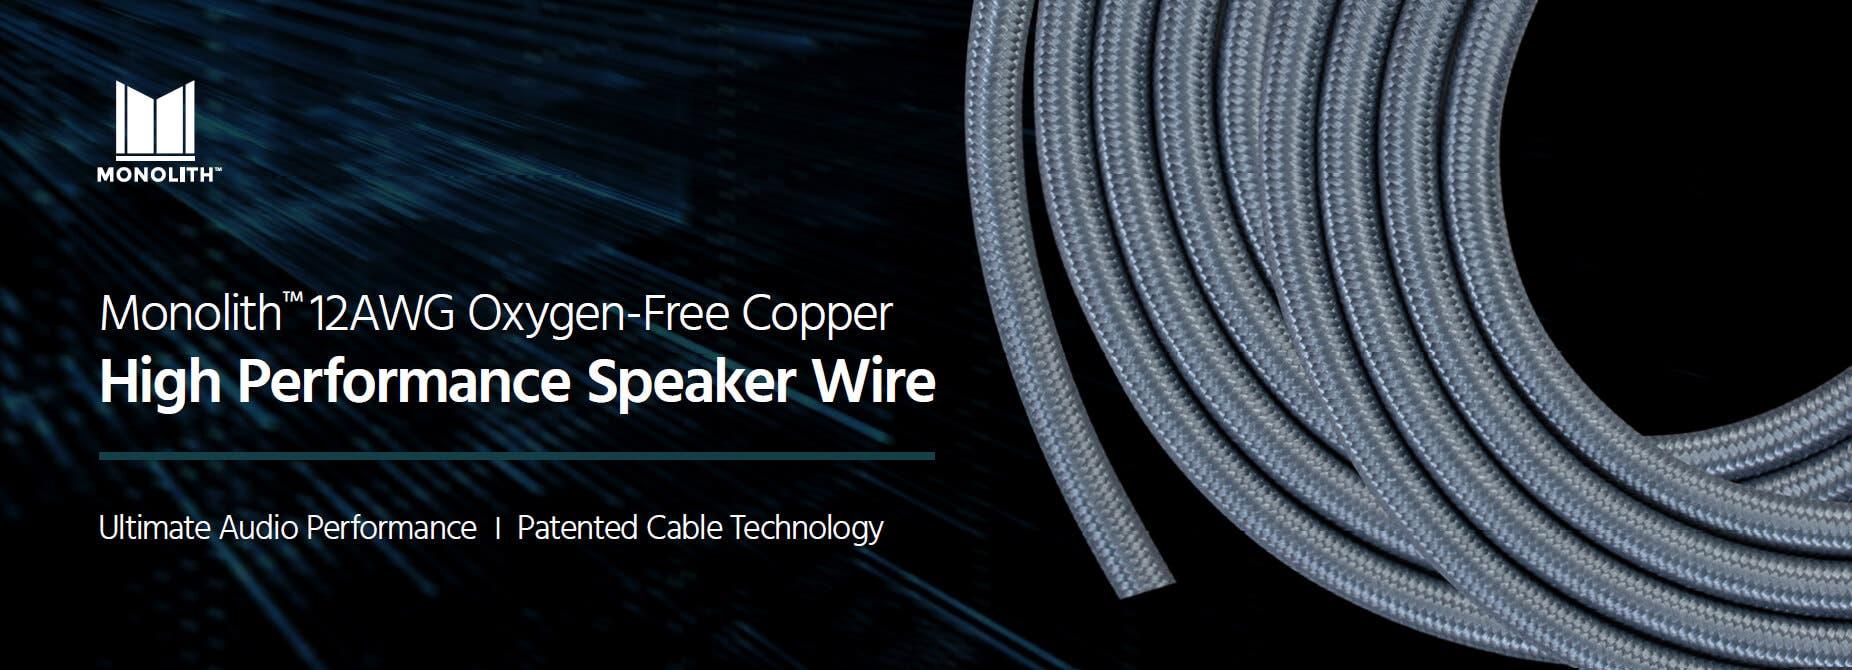 Monolith Speaker Wire